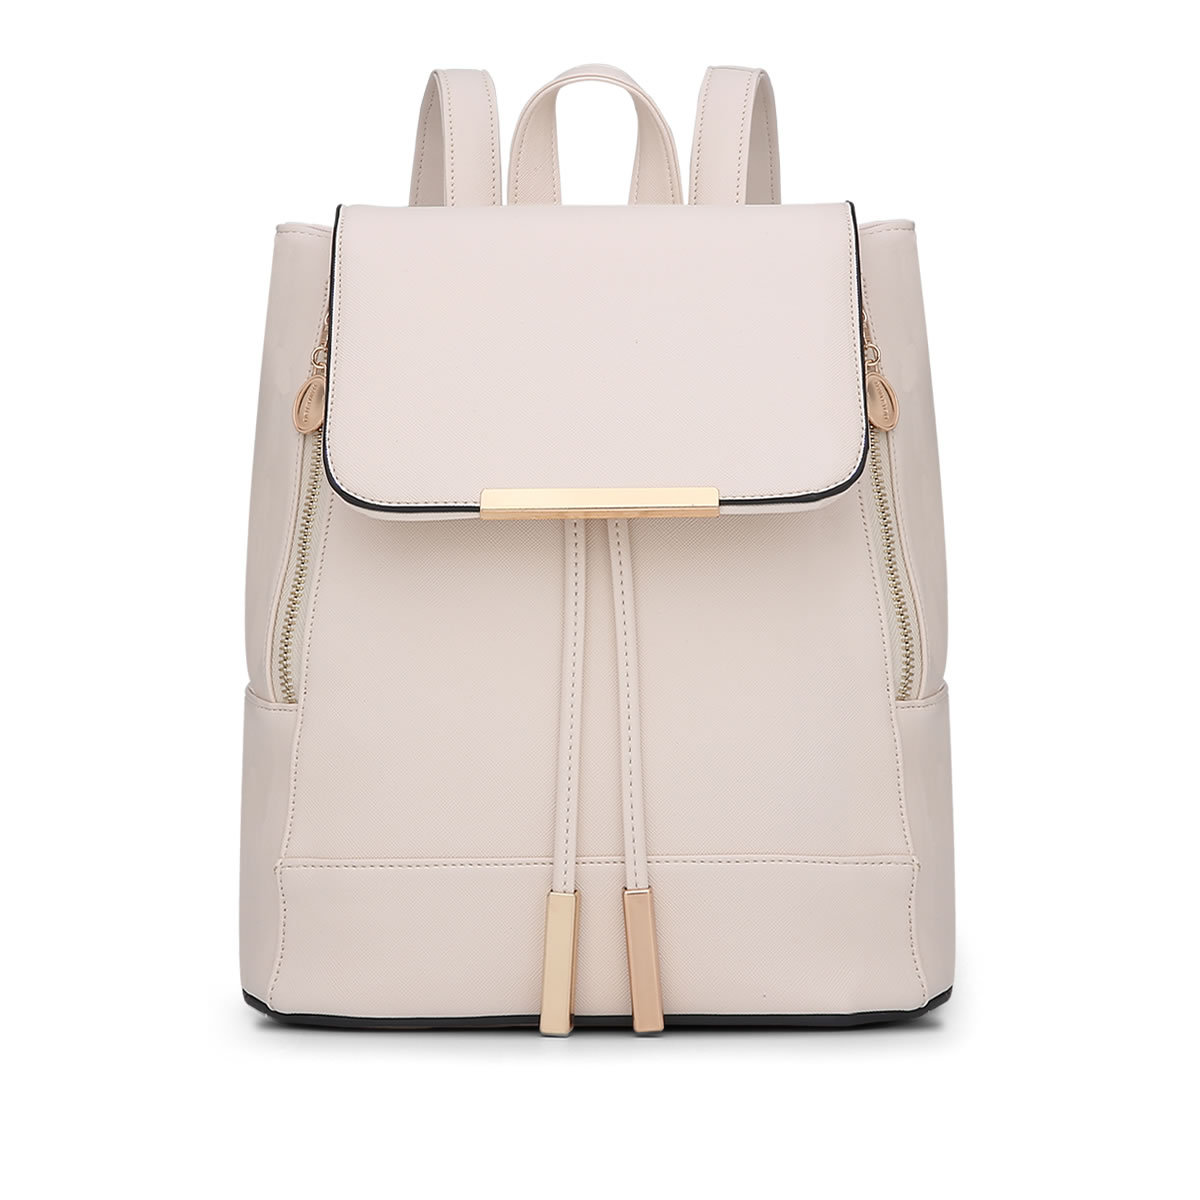 ขายส่ง กระเป๋าเป้ สะพายหลัง แฟชั่นเกาหลี Sunny-731 สีขาว